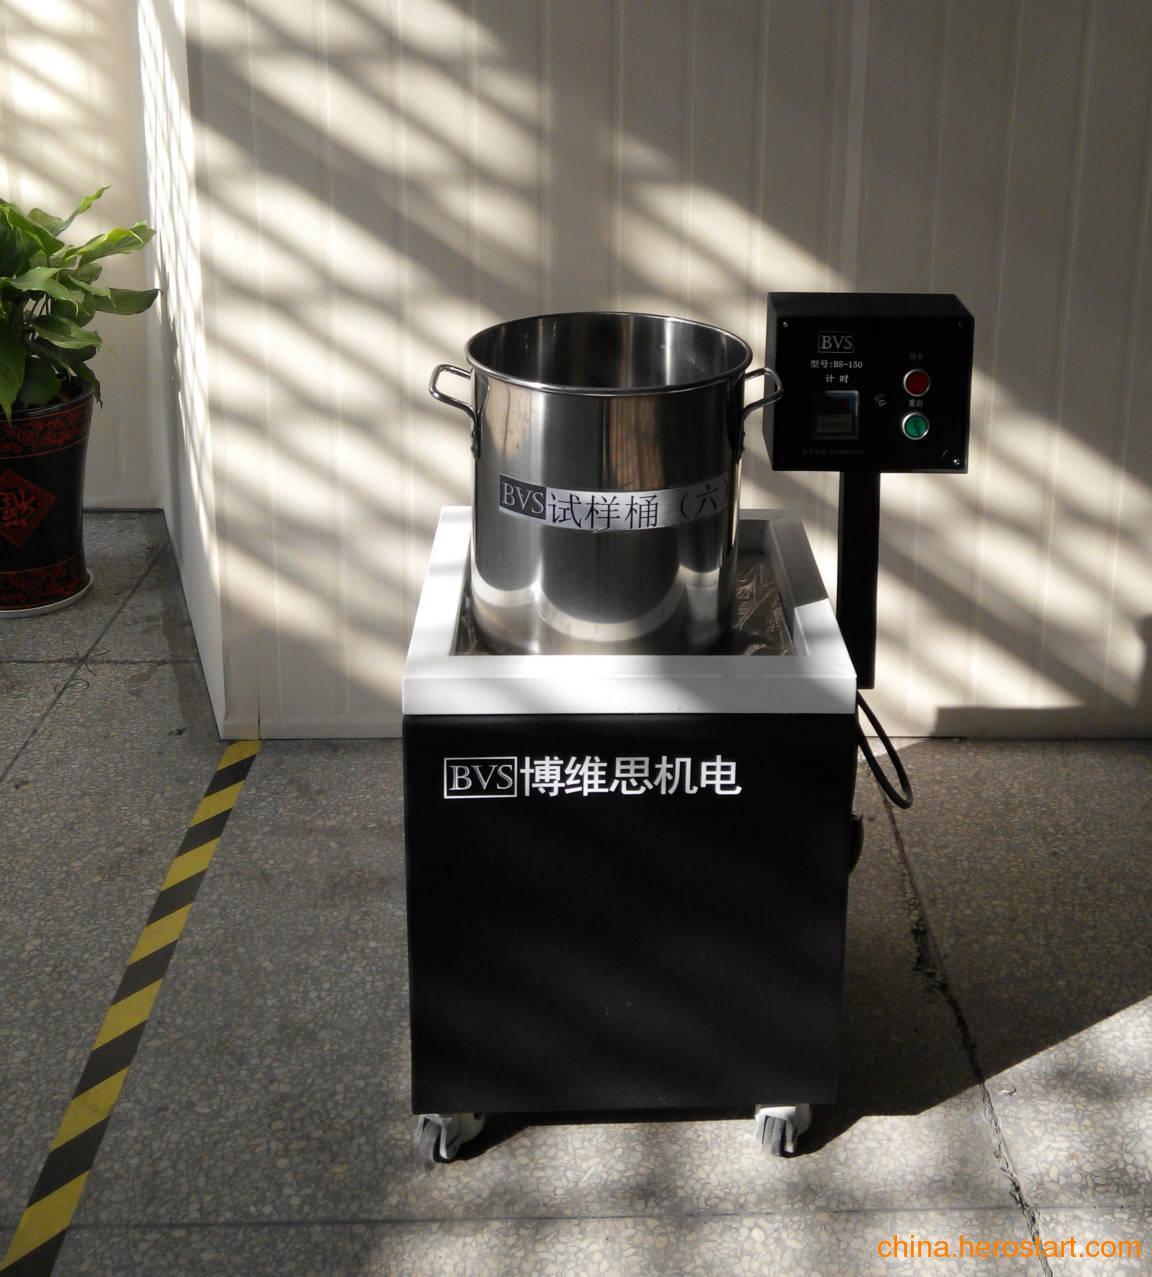 供应不锈钢产品高效抛光去毛刺设备/BS-150研磨机